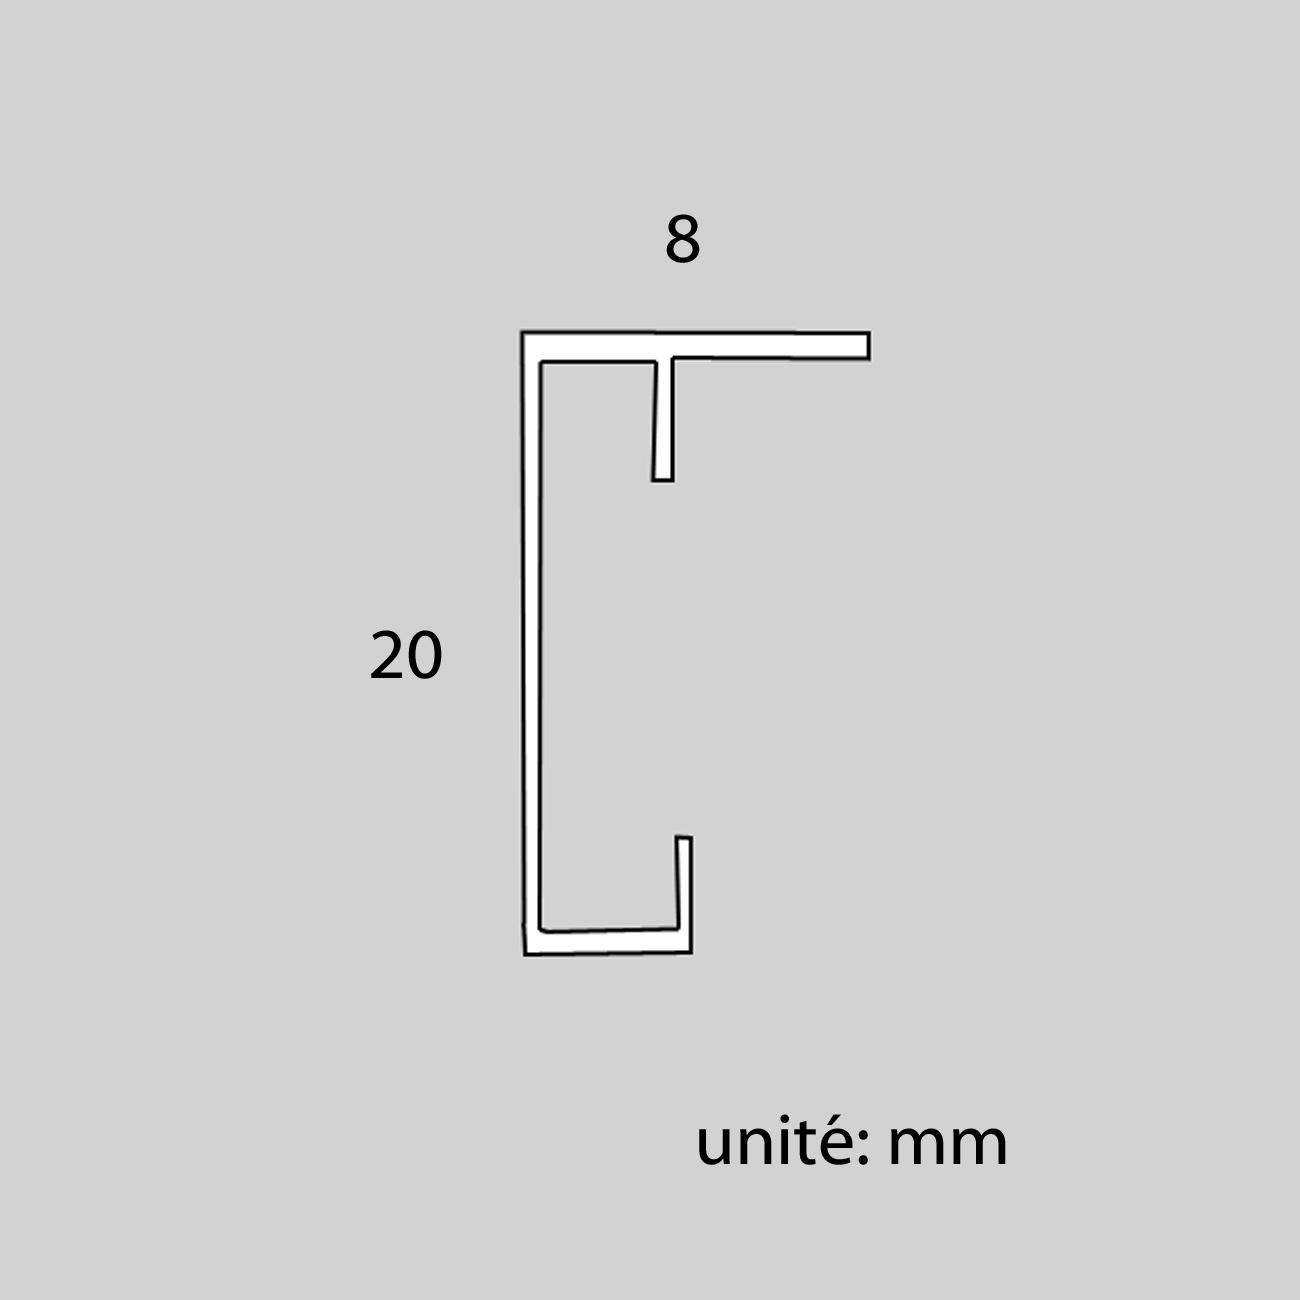 Cadre cadre complet de dimensions 15x21 cm, à suspendre. plexi une face normale, une face anti reflet. attache horizontale et verticale. montage et démontage rapide par ressort. fond en isorel. - 15x21